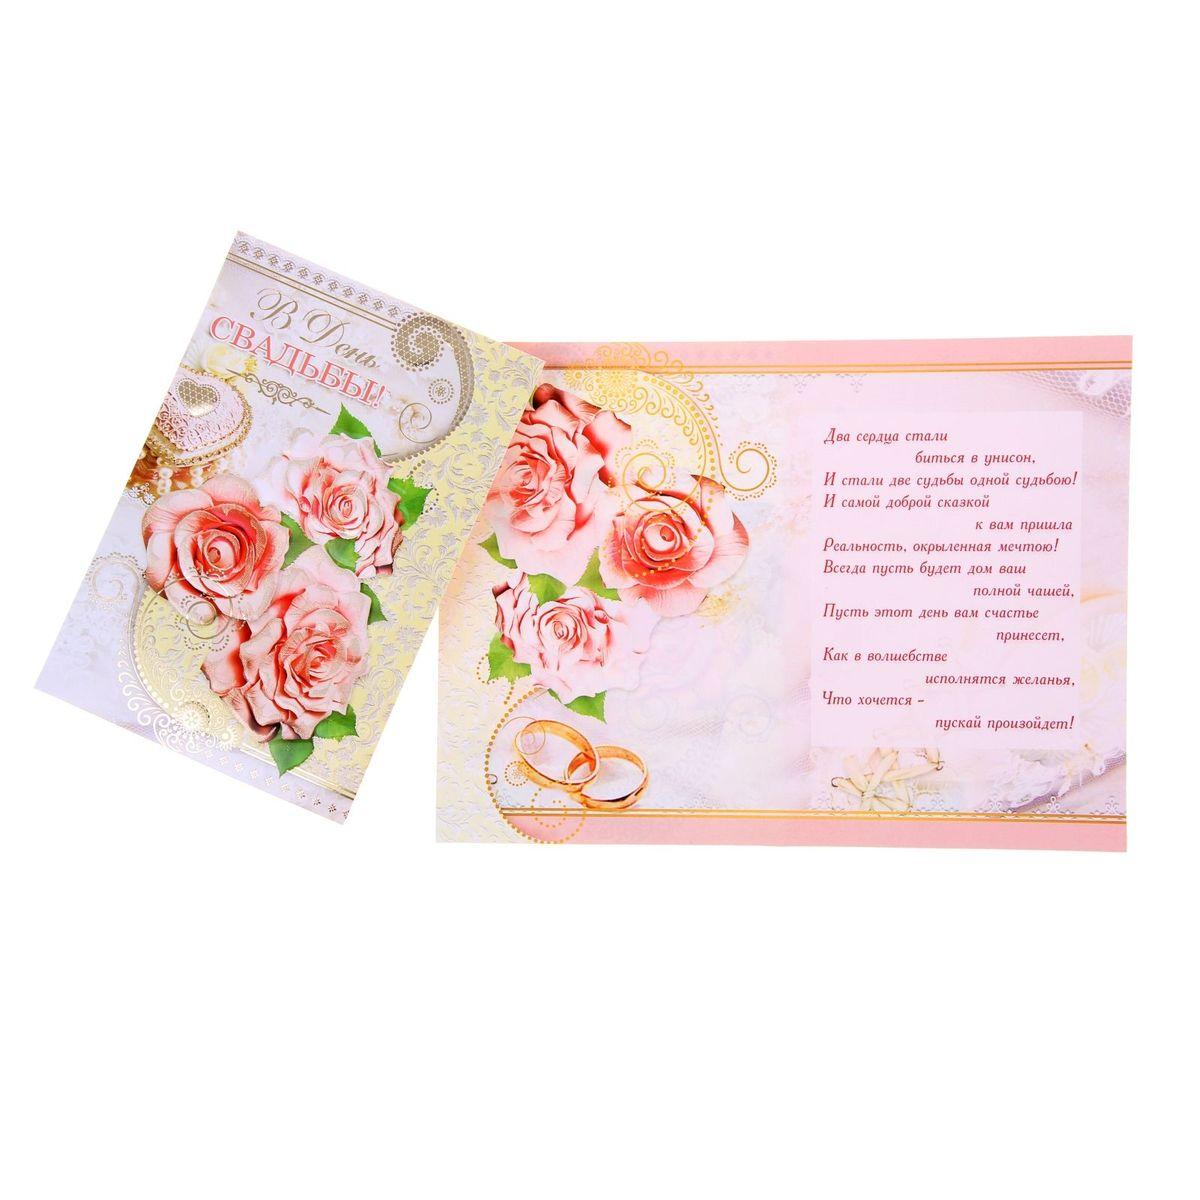 Открытка Sima-land В день свадьбы! Розы. 10970081097008Если вы хотите порадовать себя или близких, создать праздничное настроение и с улыбкой провести памятный день, то вы, несомненно, сделали правильный выбор! Открытка Sima-land В день свадьбы! Розы, выполненная из плотной бумаги, отличается не только оригинальным дизайном, но и высоким качеством.Лицевая сторона изделия оформлена ярким изображением. Внутри открытка содержит текст с поздравлением.Такая открытка непременно порадует получателя и станет отличным напоминанием о проведенном вместе времени.